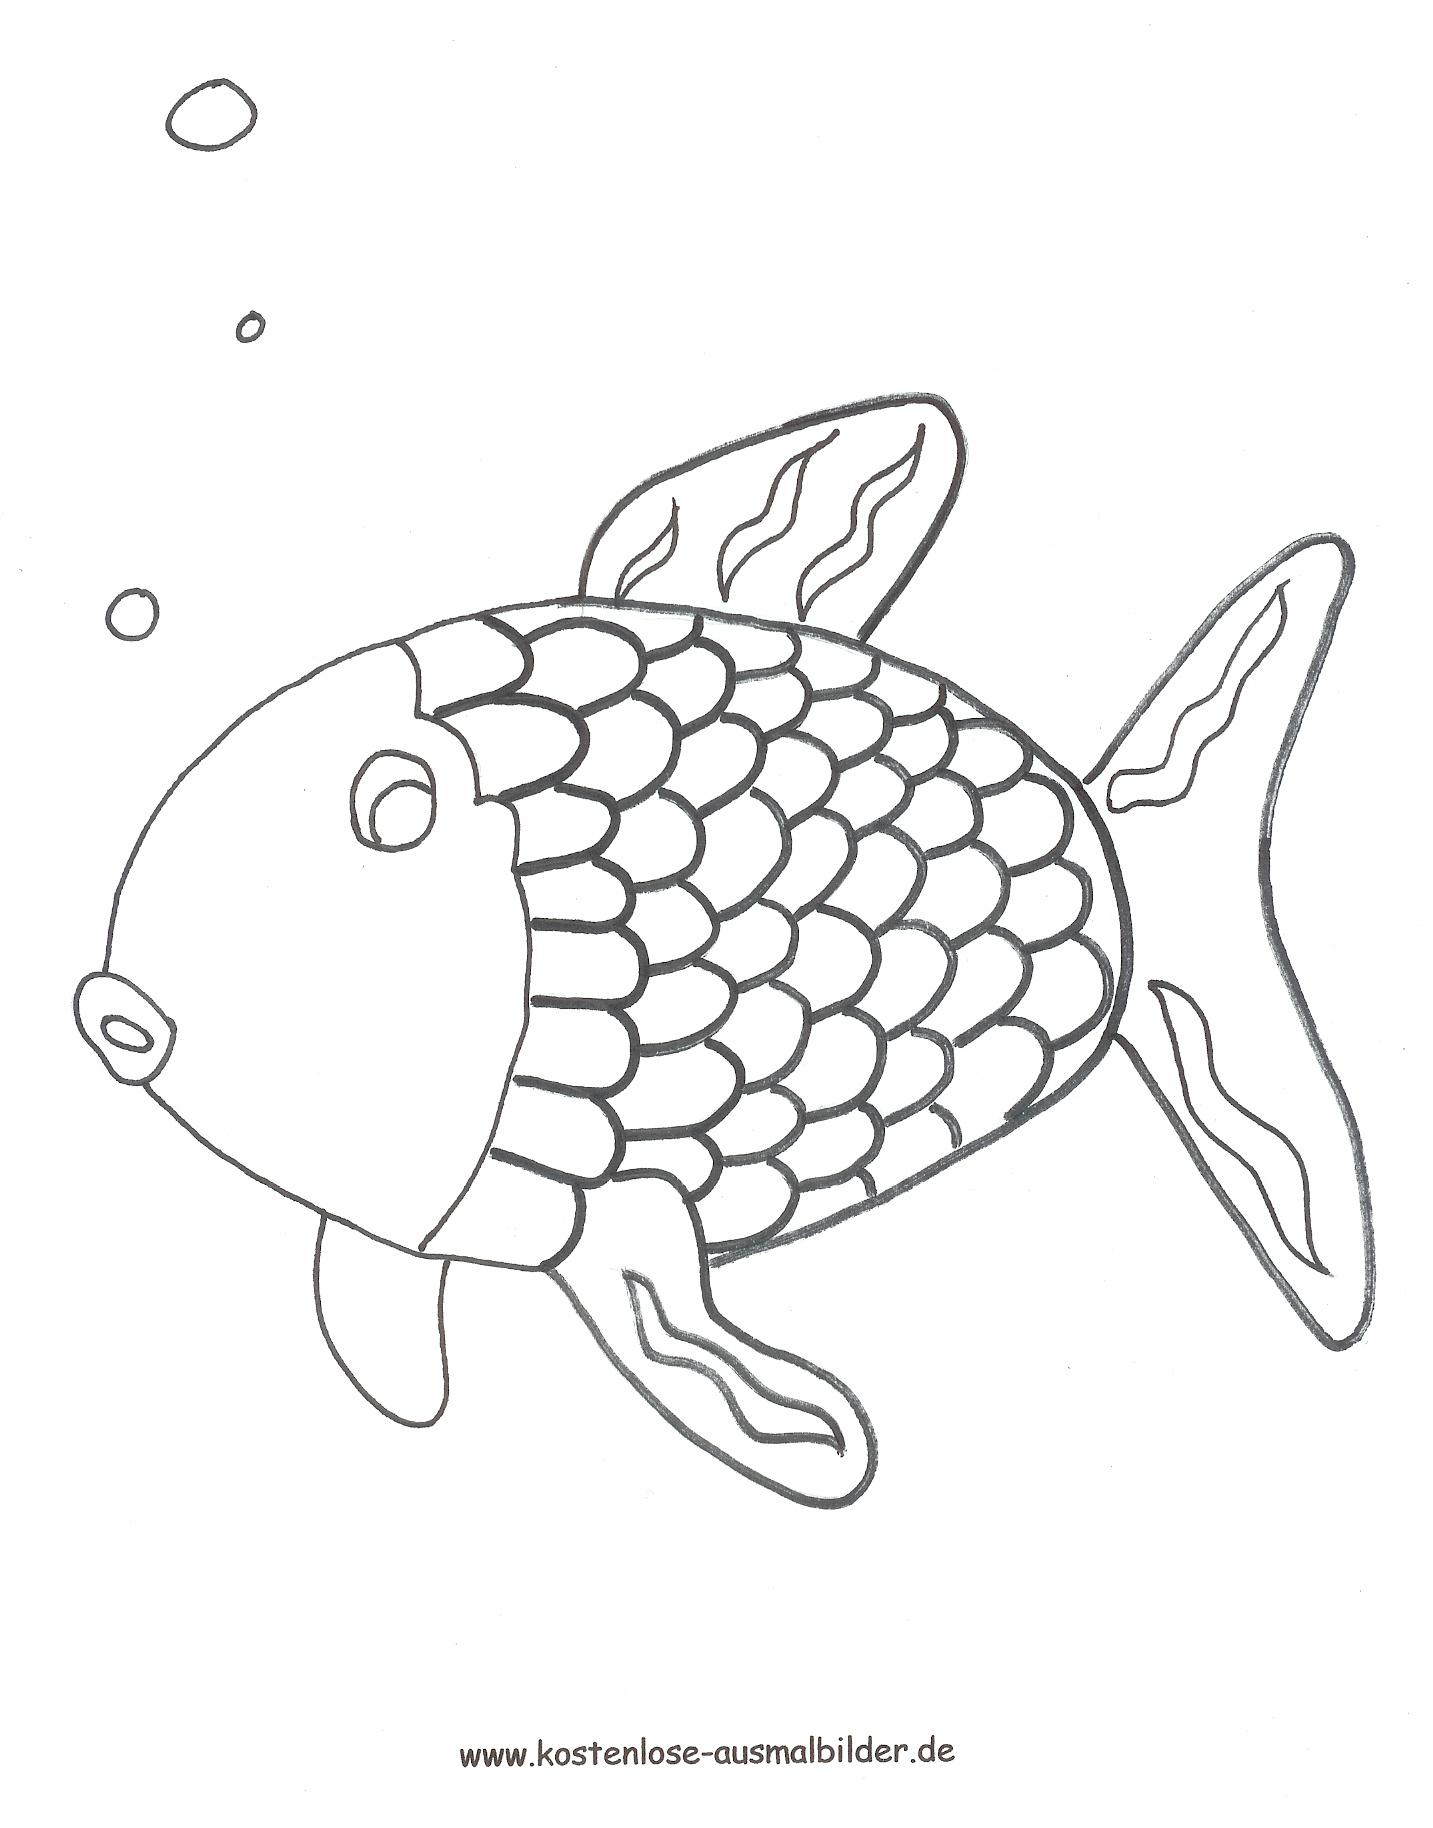 Ausmalbild Regenbogenfisch Zum Ausdrucken ganzes Fisch Ausmalen